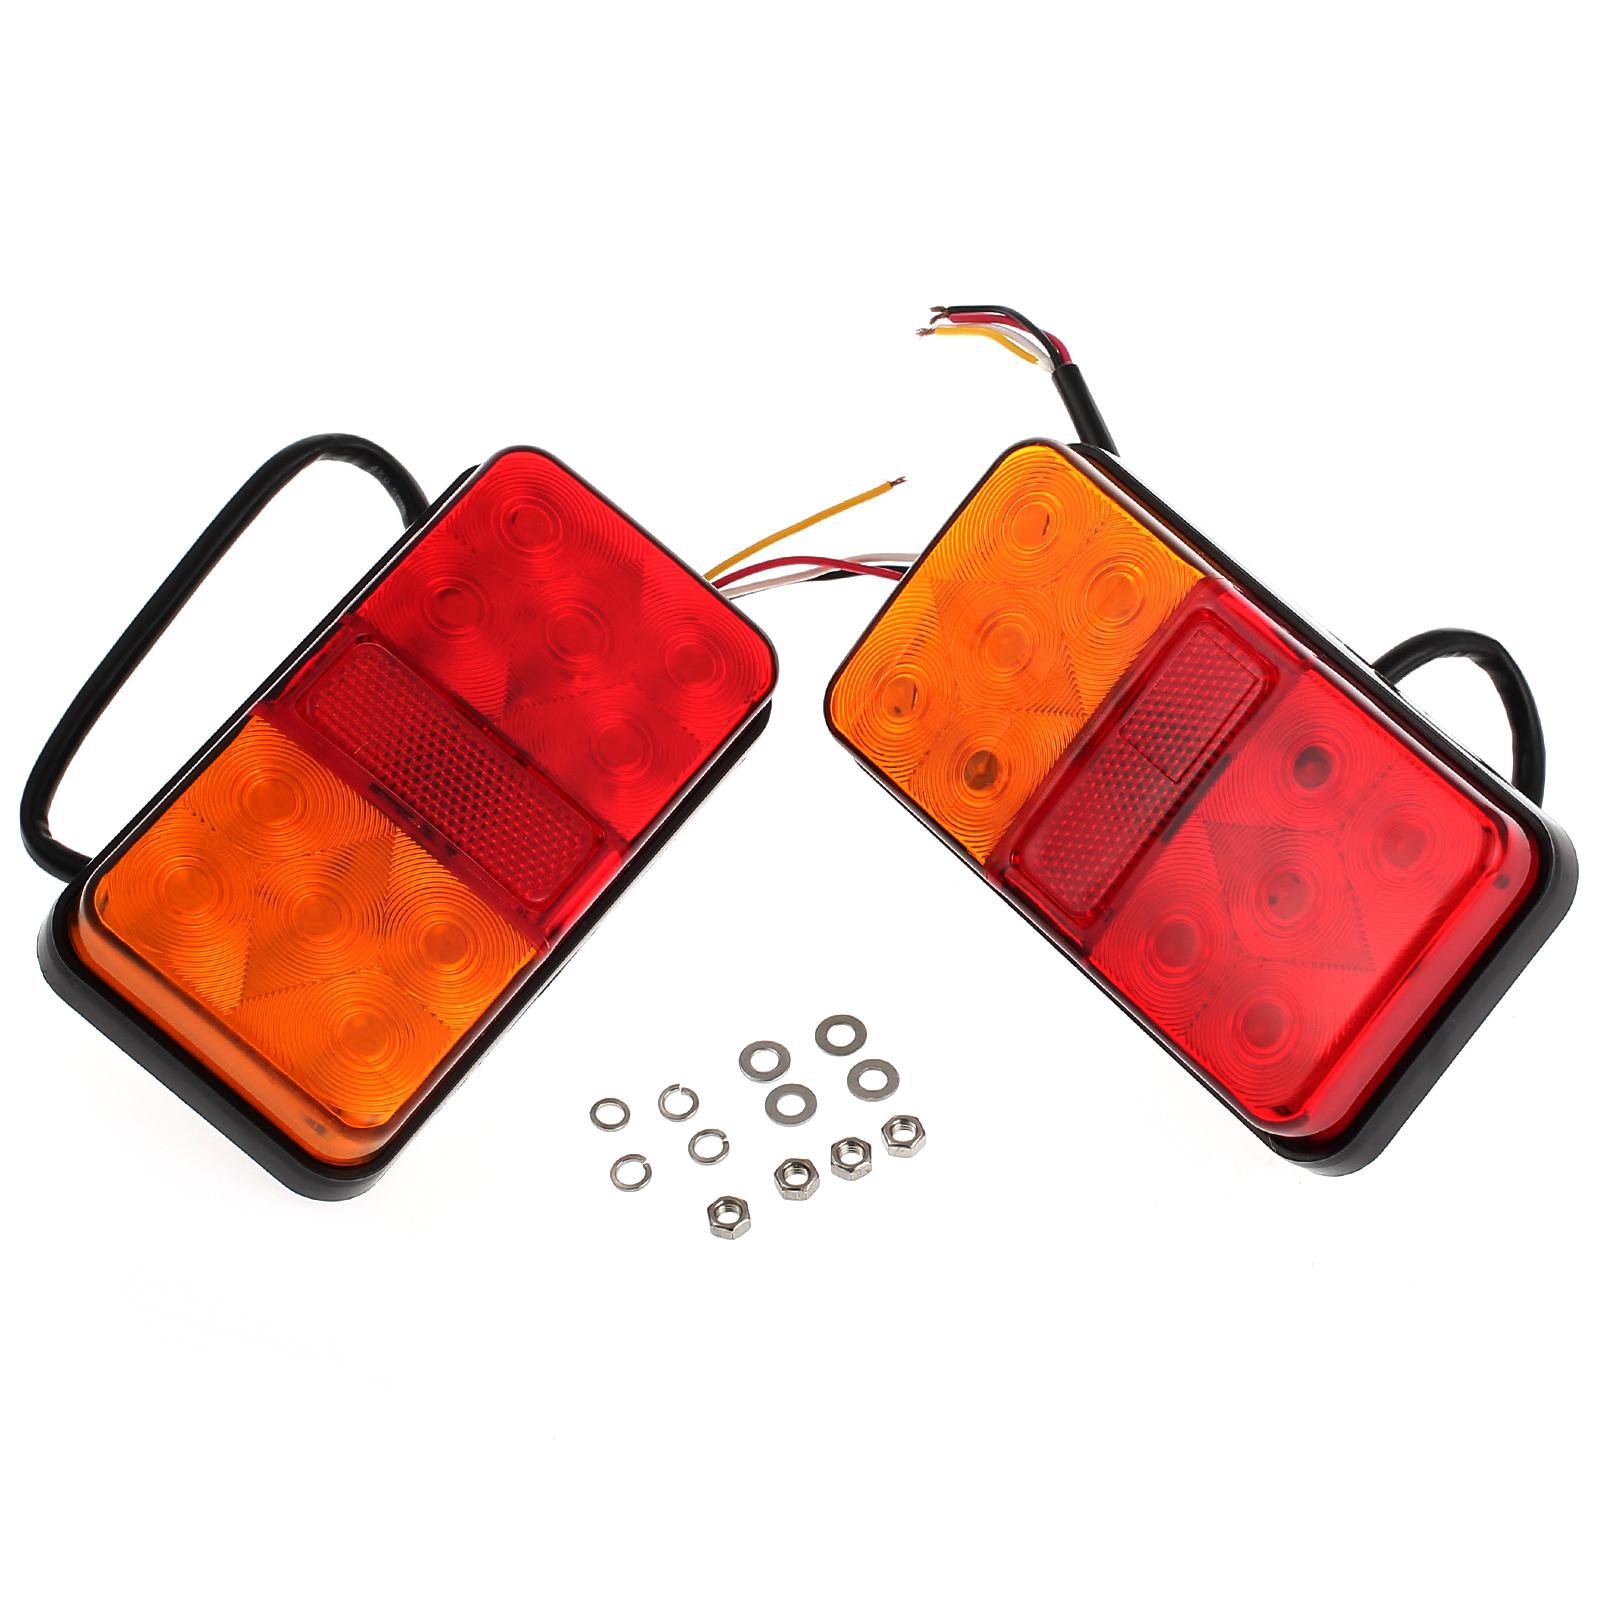 2 Stk LED Rückleuchten Anhänger Anhängerbeleuchtung Heckleuchte ...